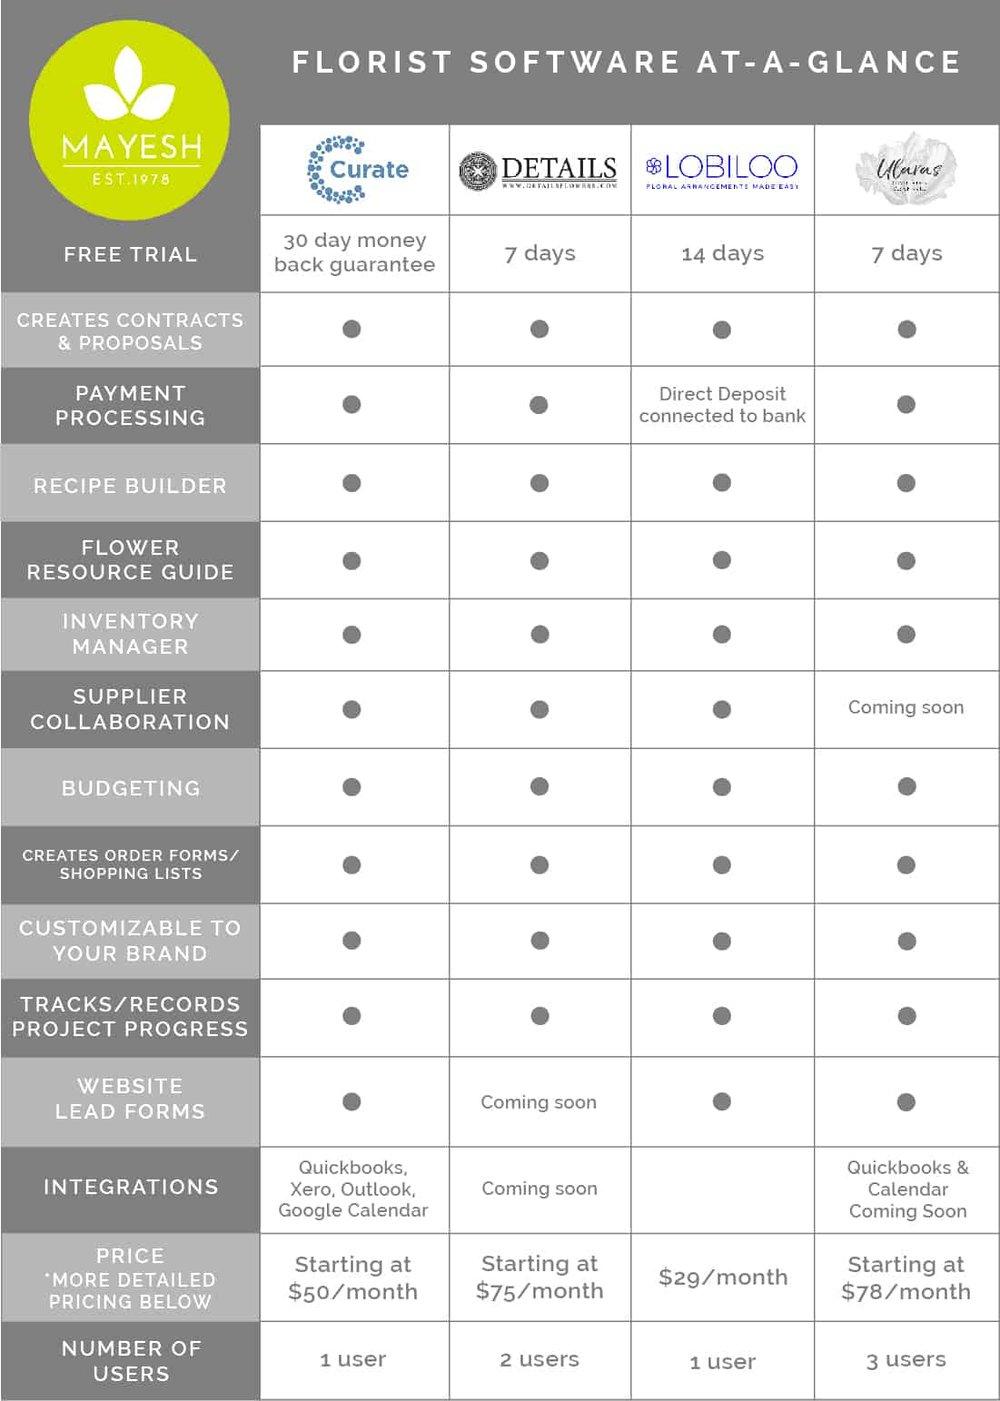 Florist Software Comparison At-A-Glance